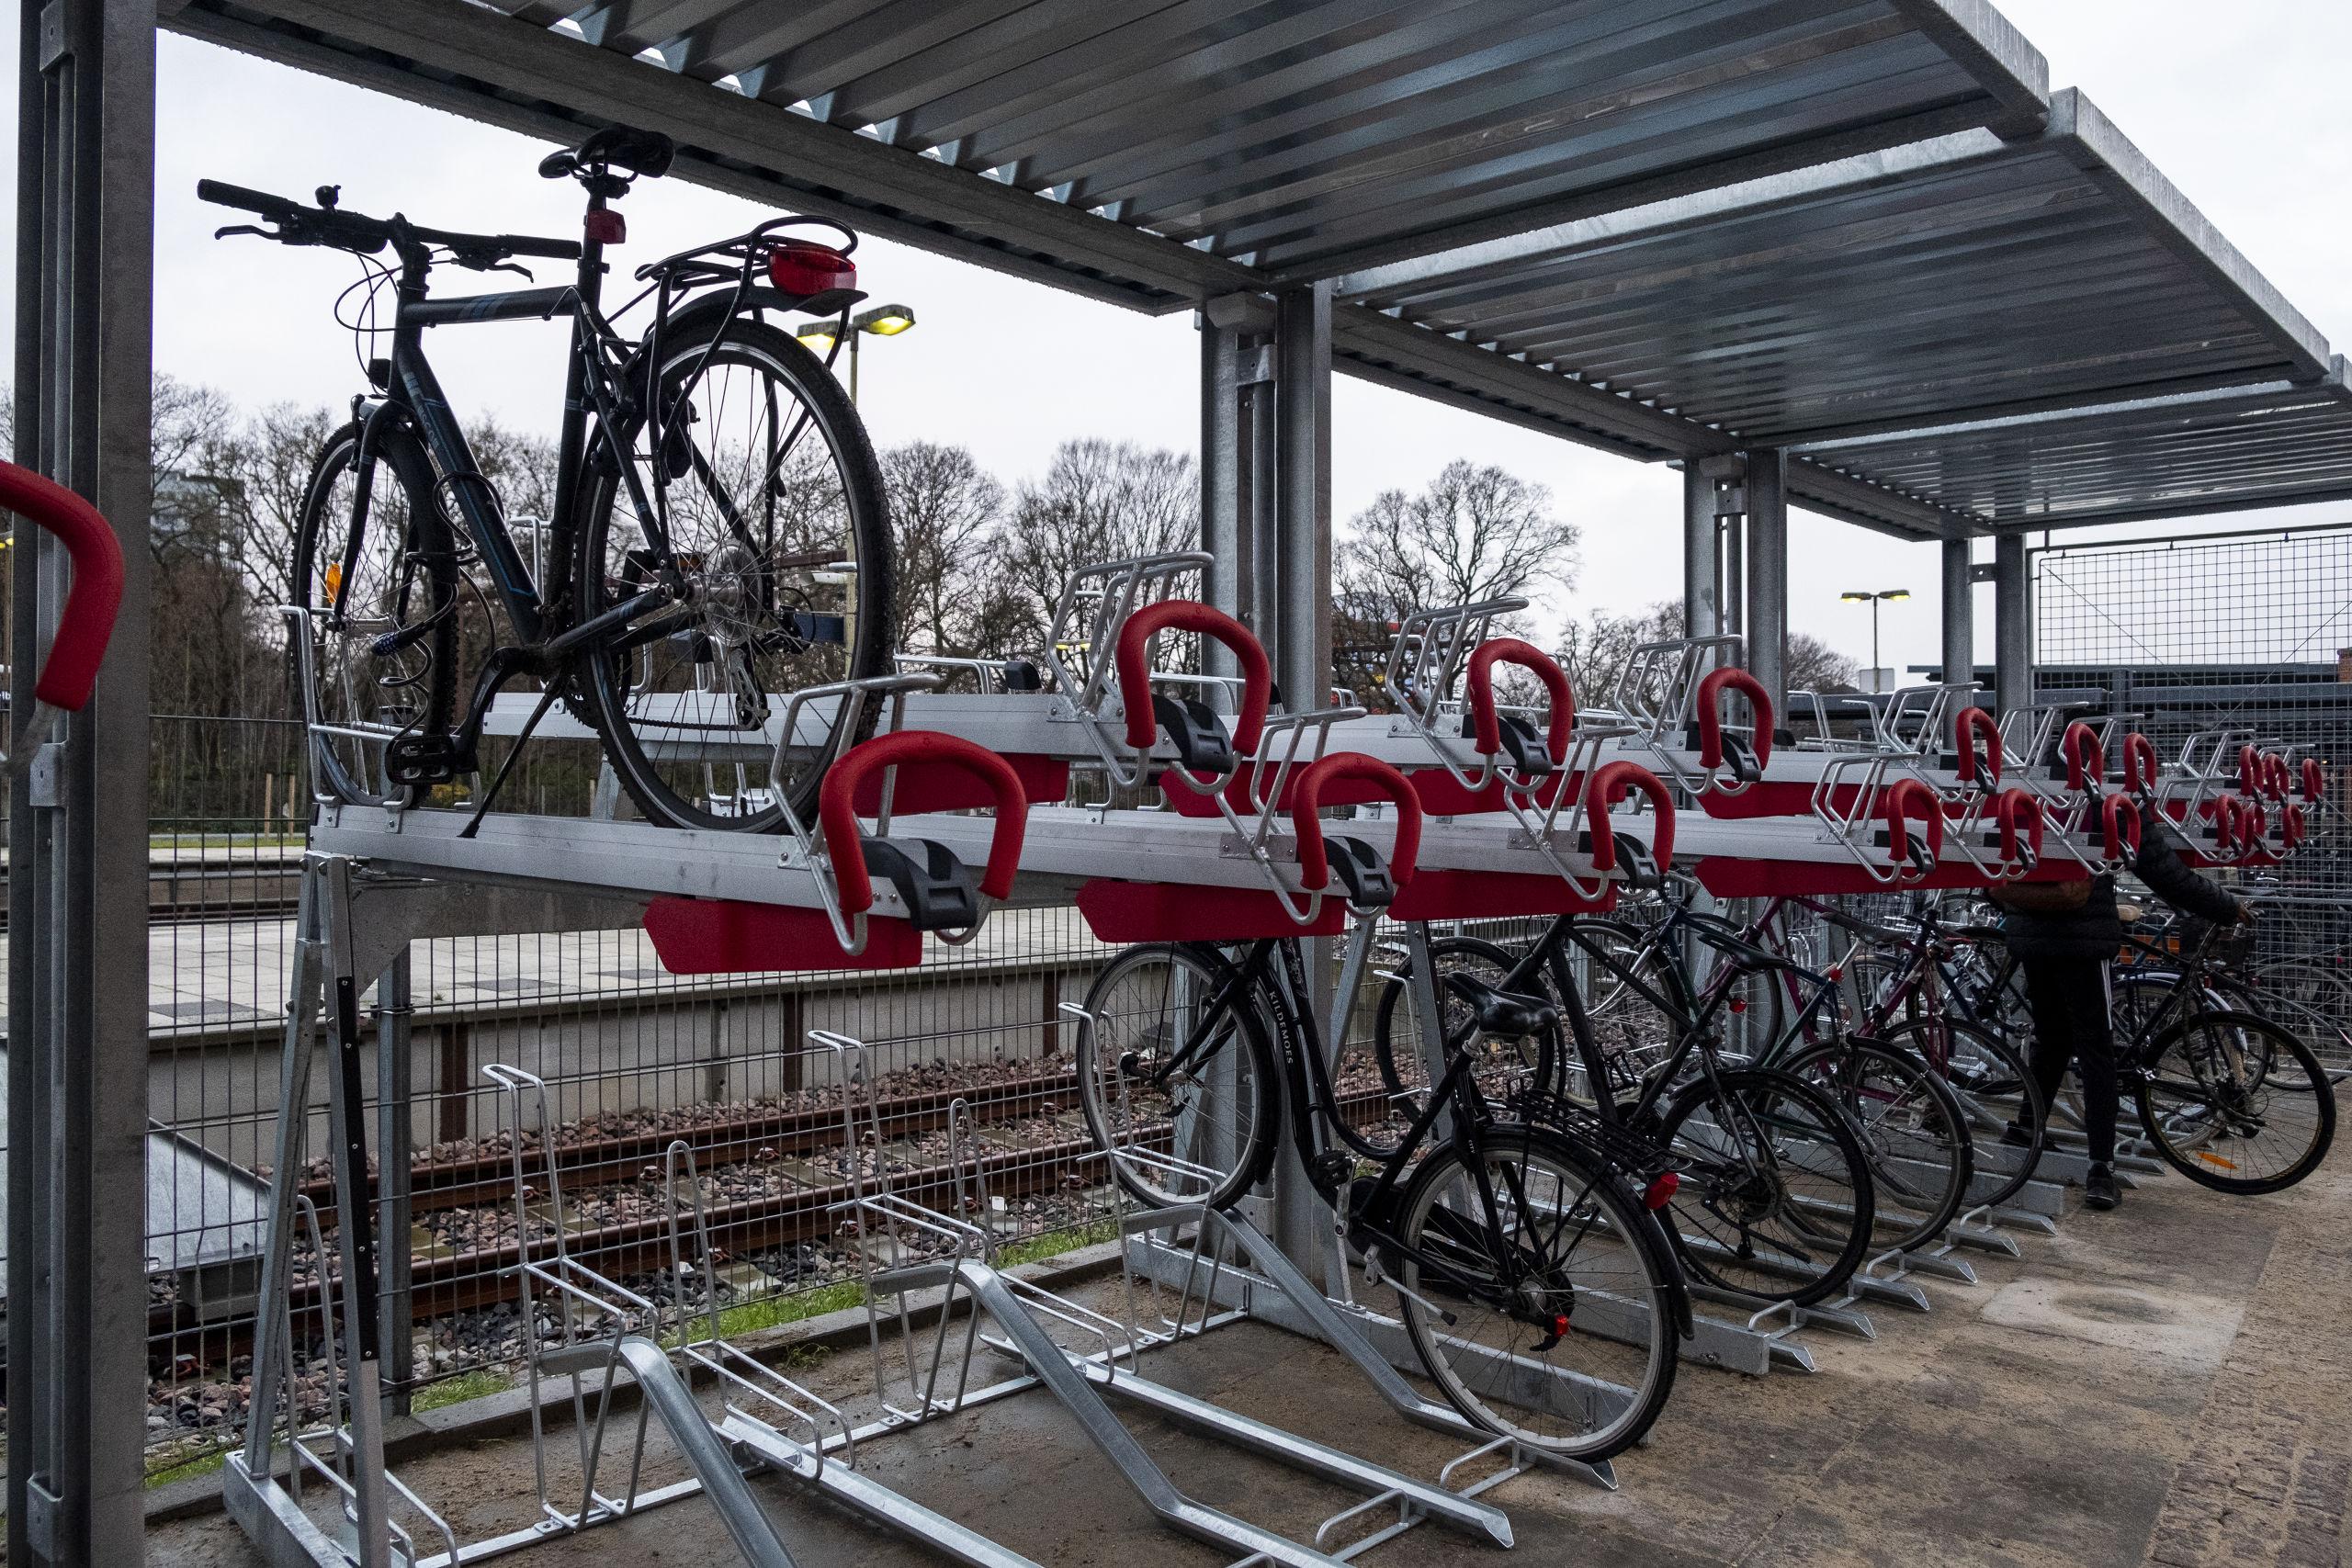 Cykelparkeringen er netop taget i brug, og der er 60 nye pladser. Foto: Lasse Sand